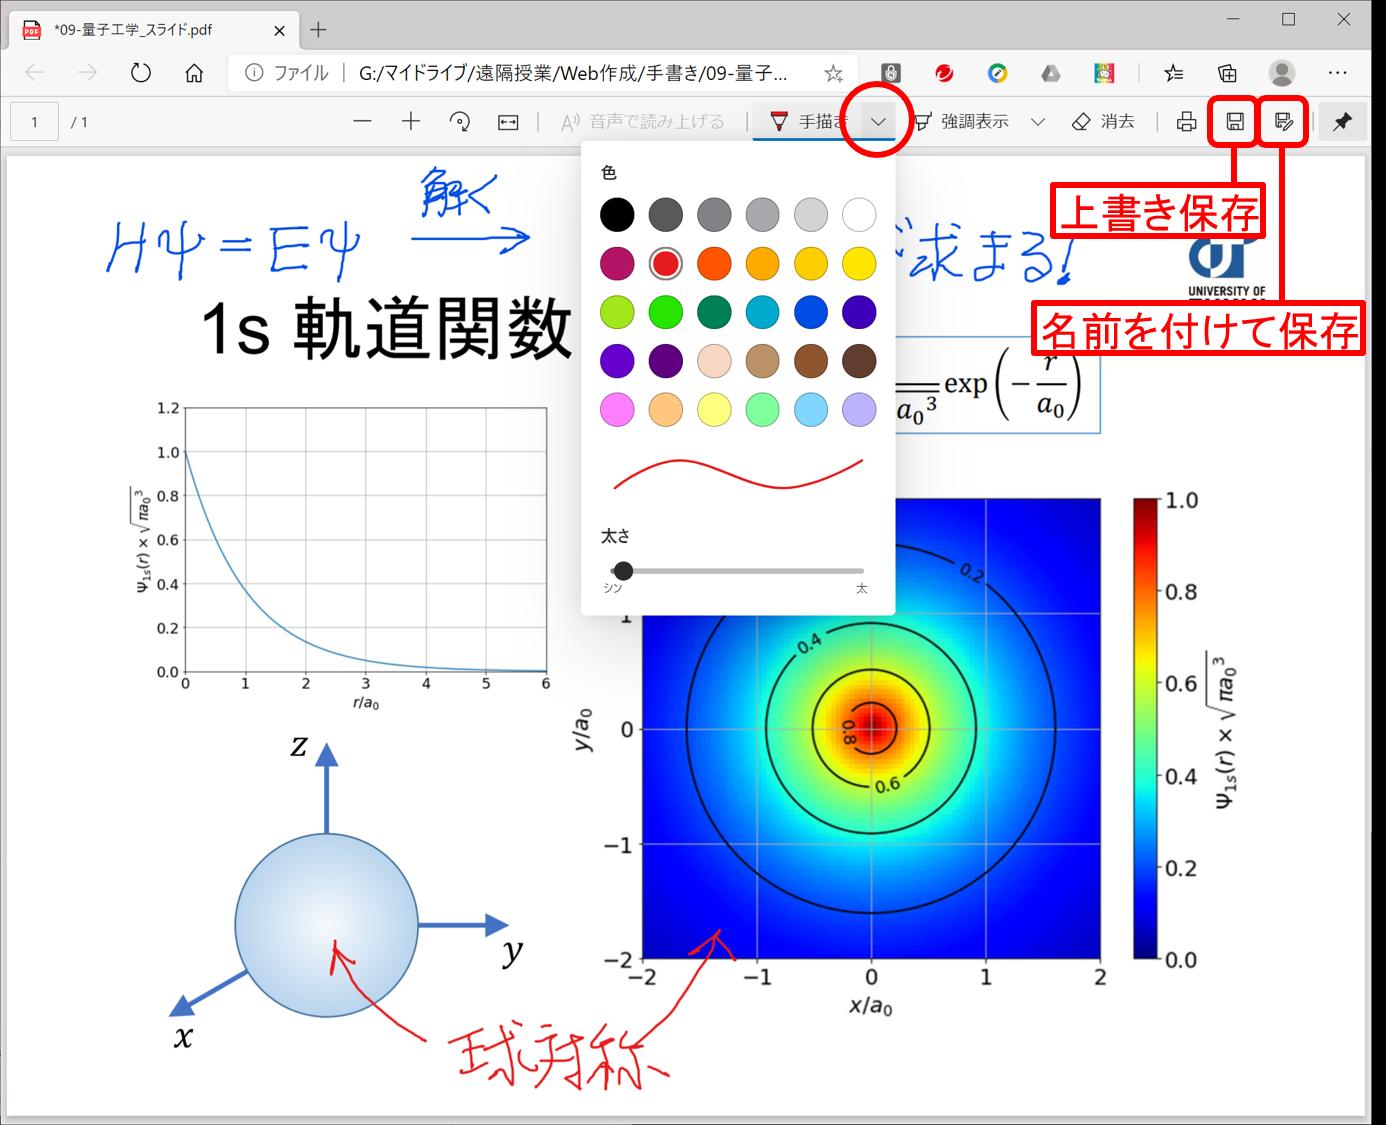 手書き pdf 書き込み WindowsでPDFに手書きするなら「Drawboard PDF」がおススメ